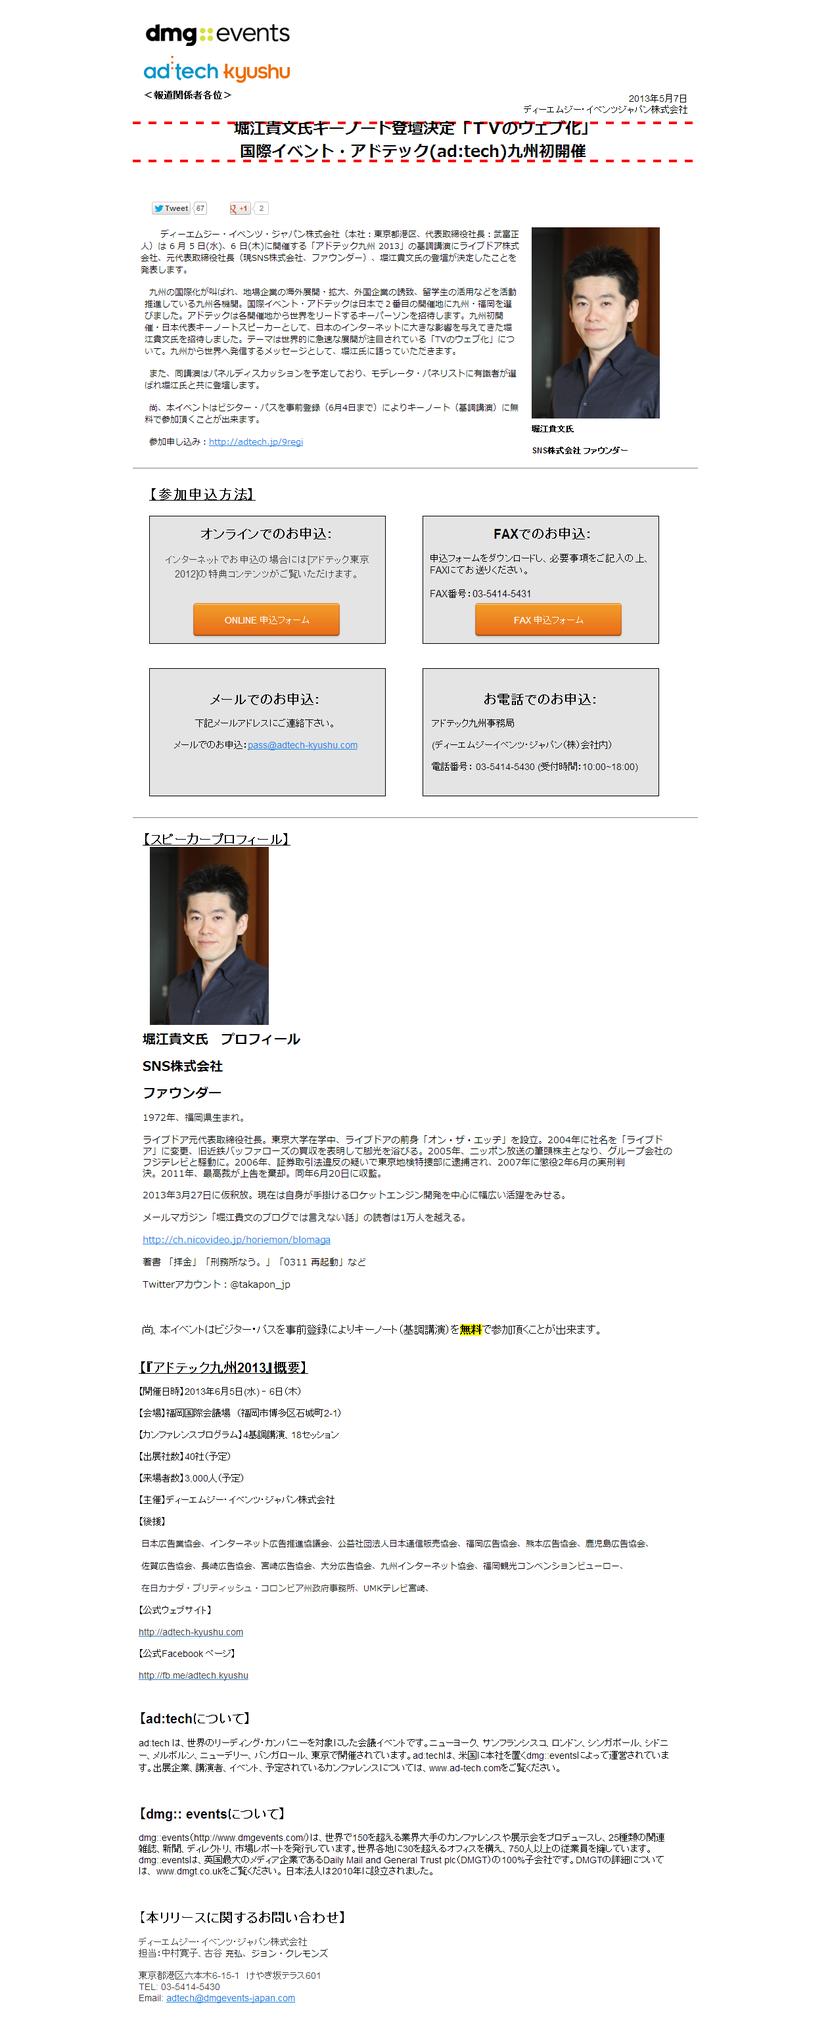 堀江貴文氏キーノート登壇決定「TVのウェブ化」